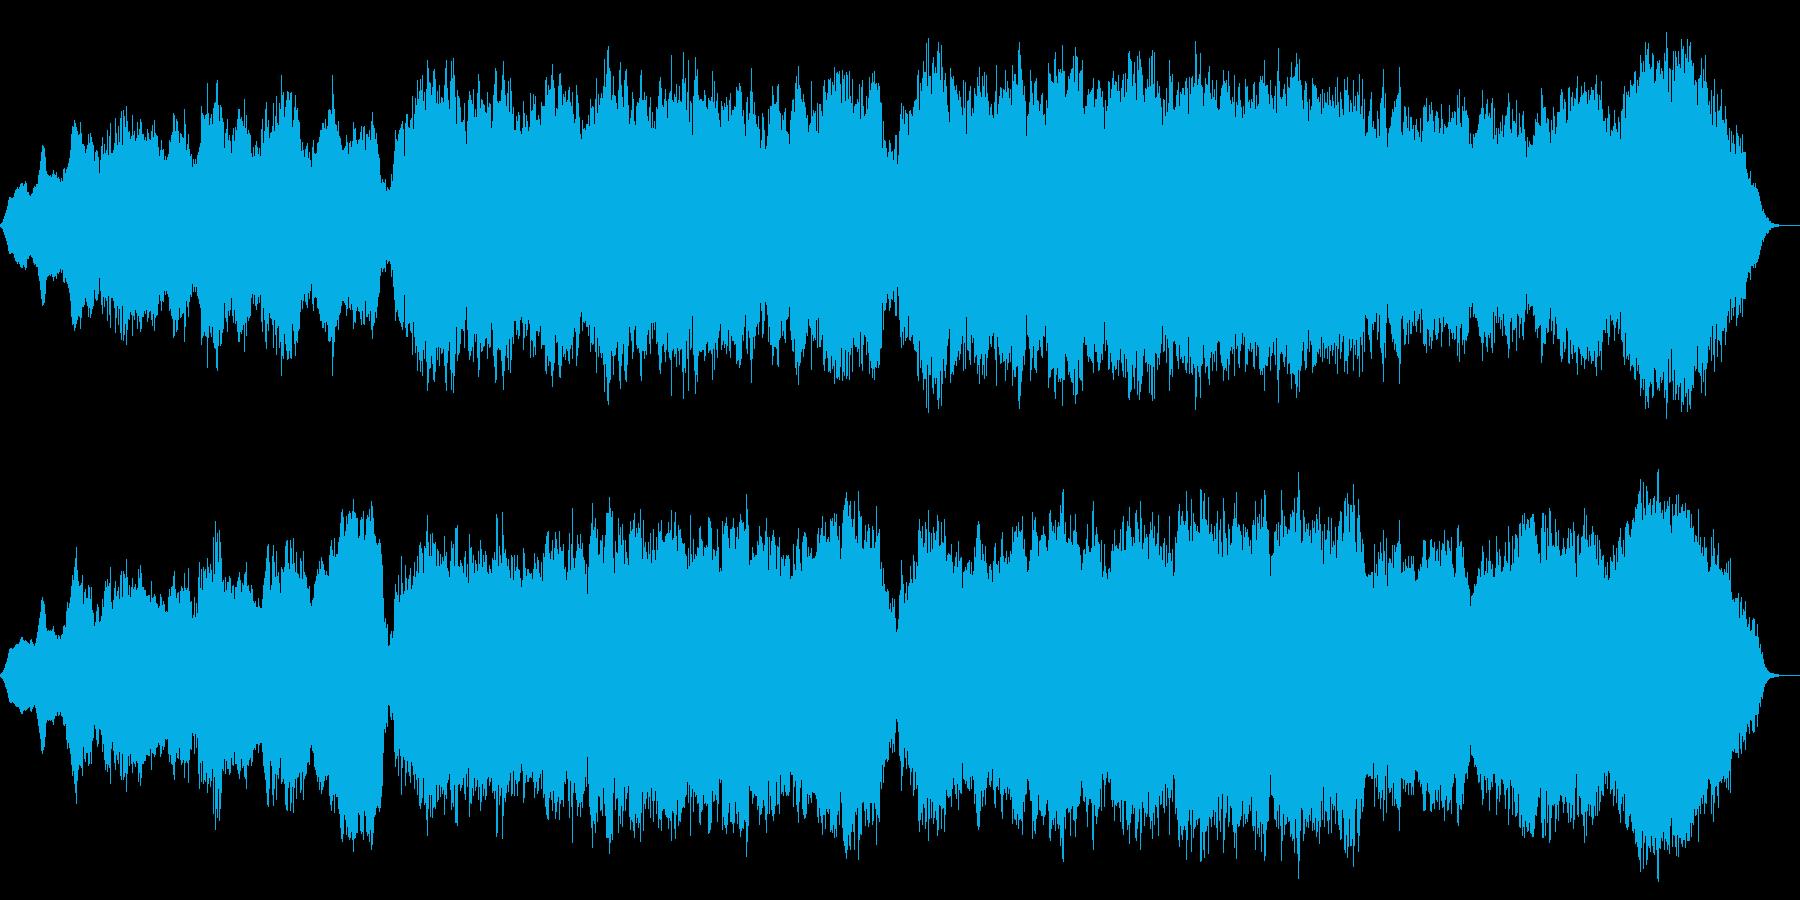 幻想的なシンセサイザークラシック音楽の再生済みの波形